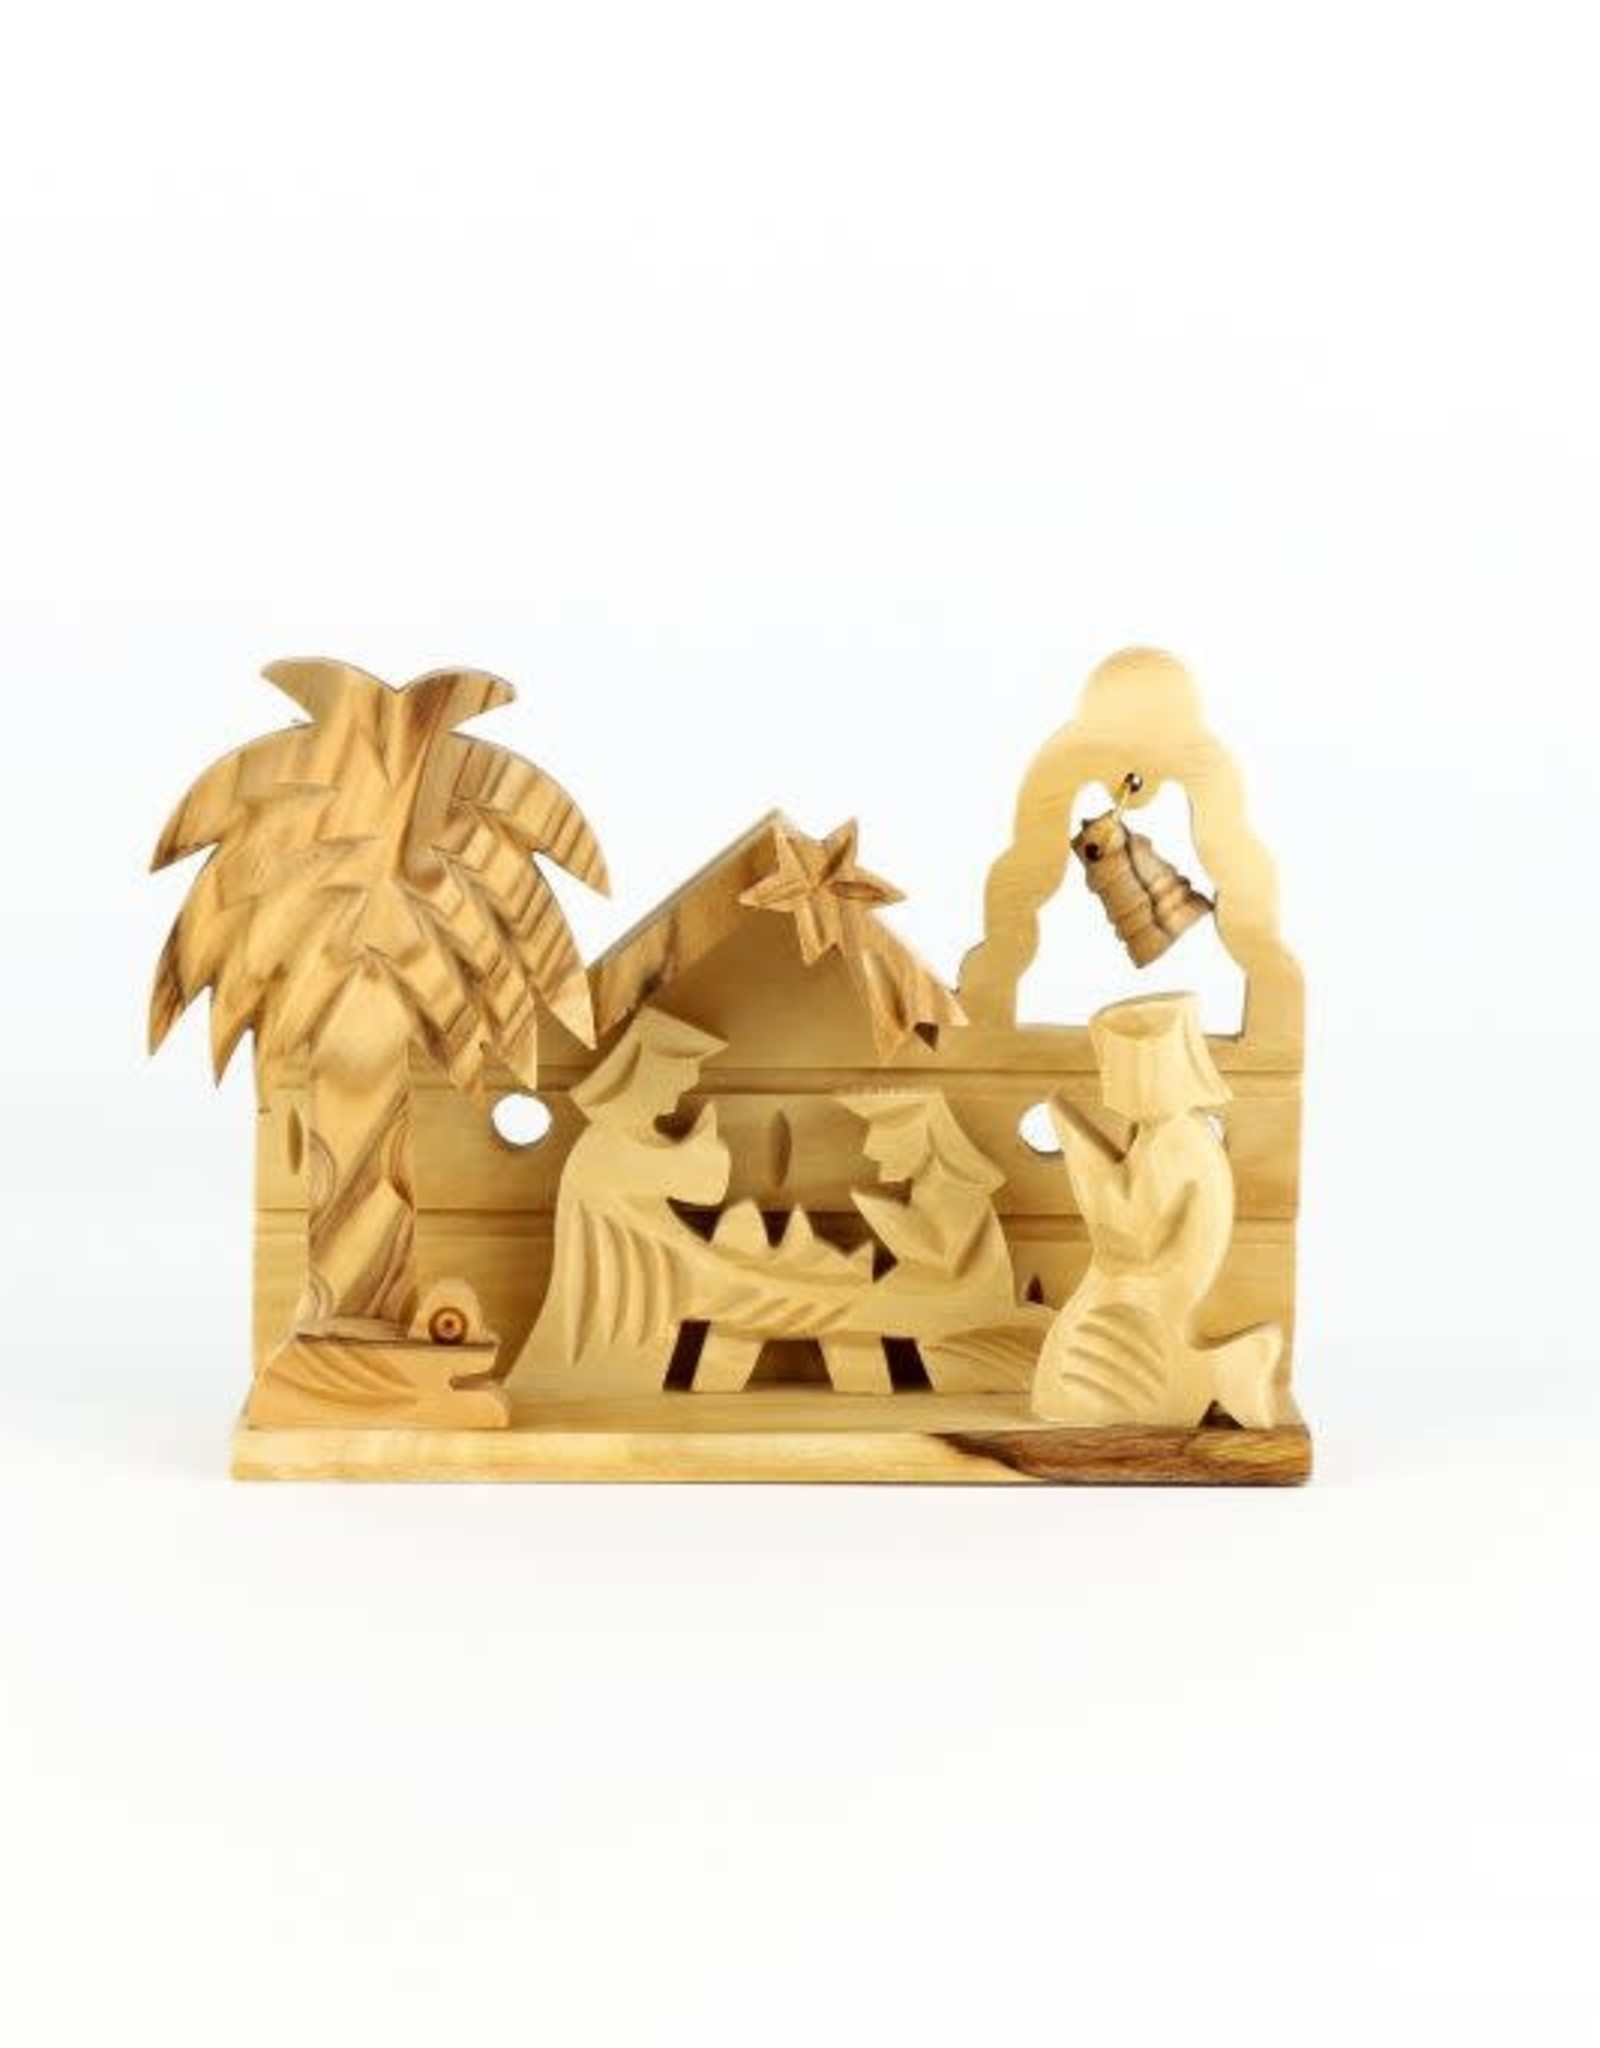 Petite crèche en bois d'olivier